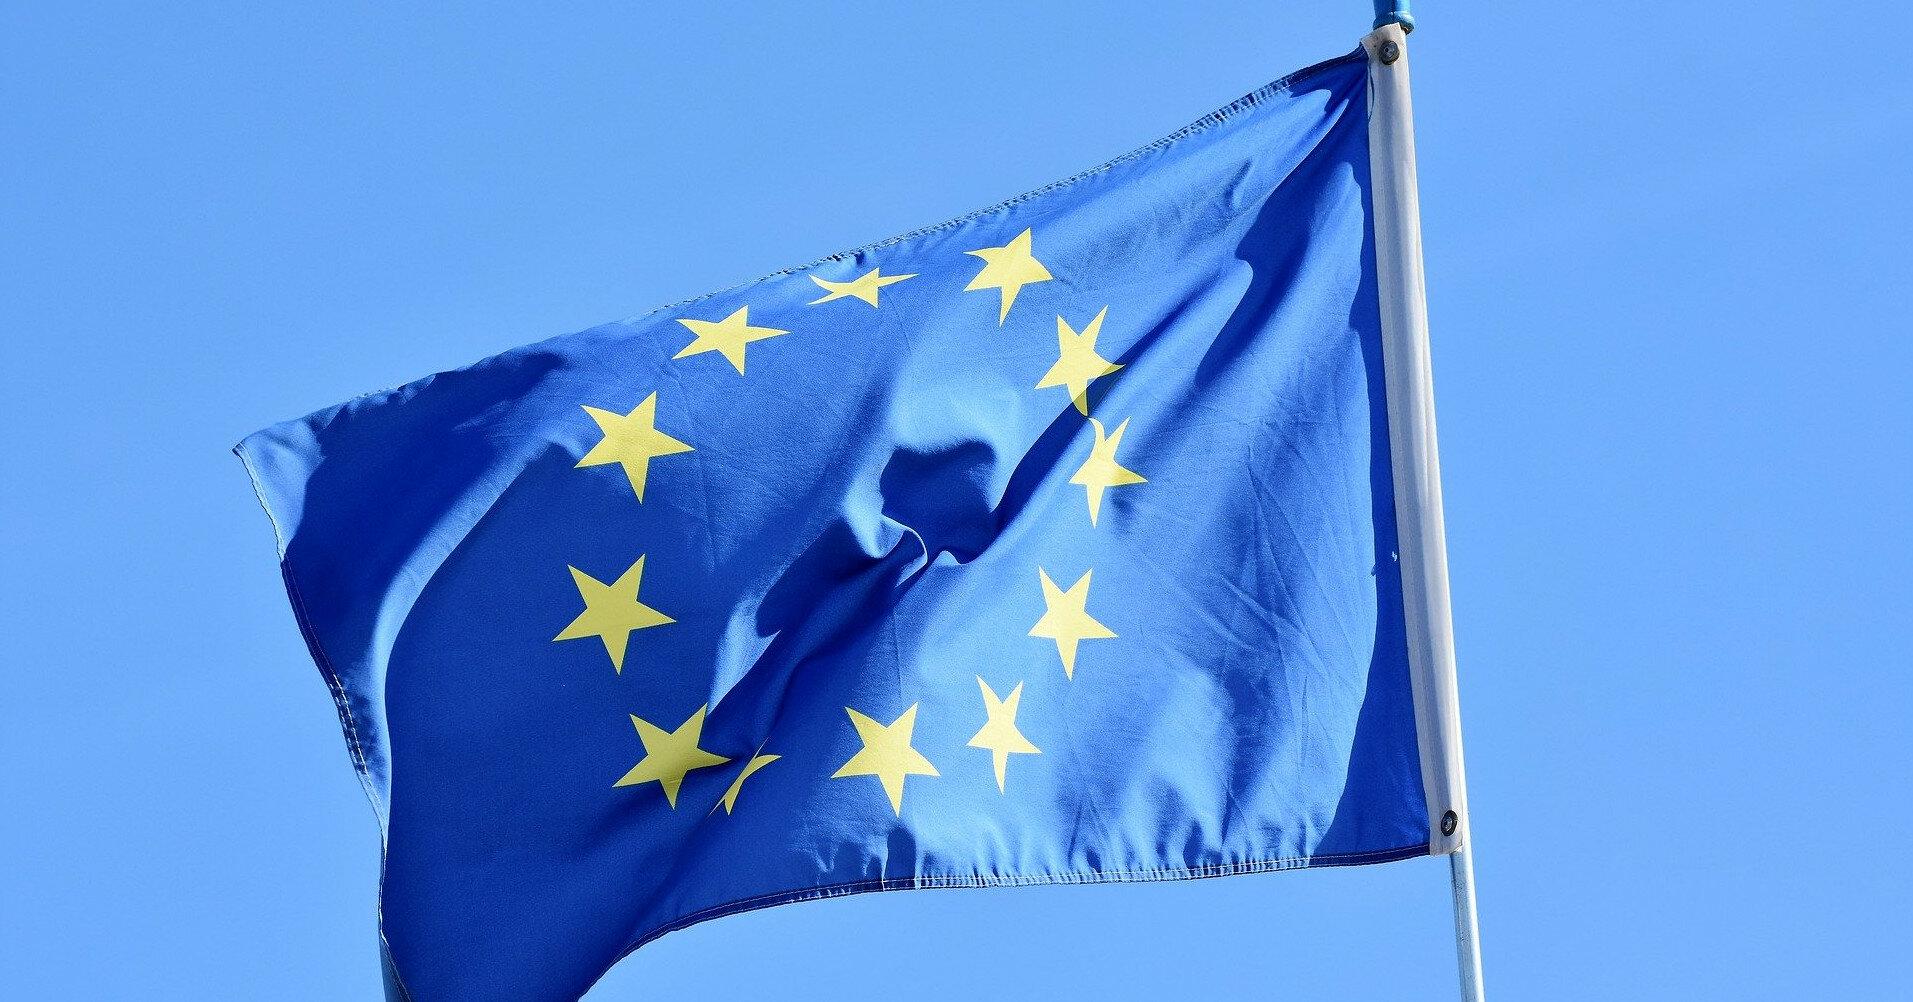 ЕС не ввел новые санкции против РФ в связи с военной напряженностью